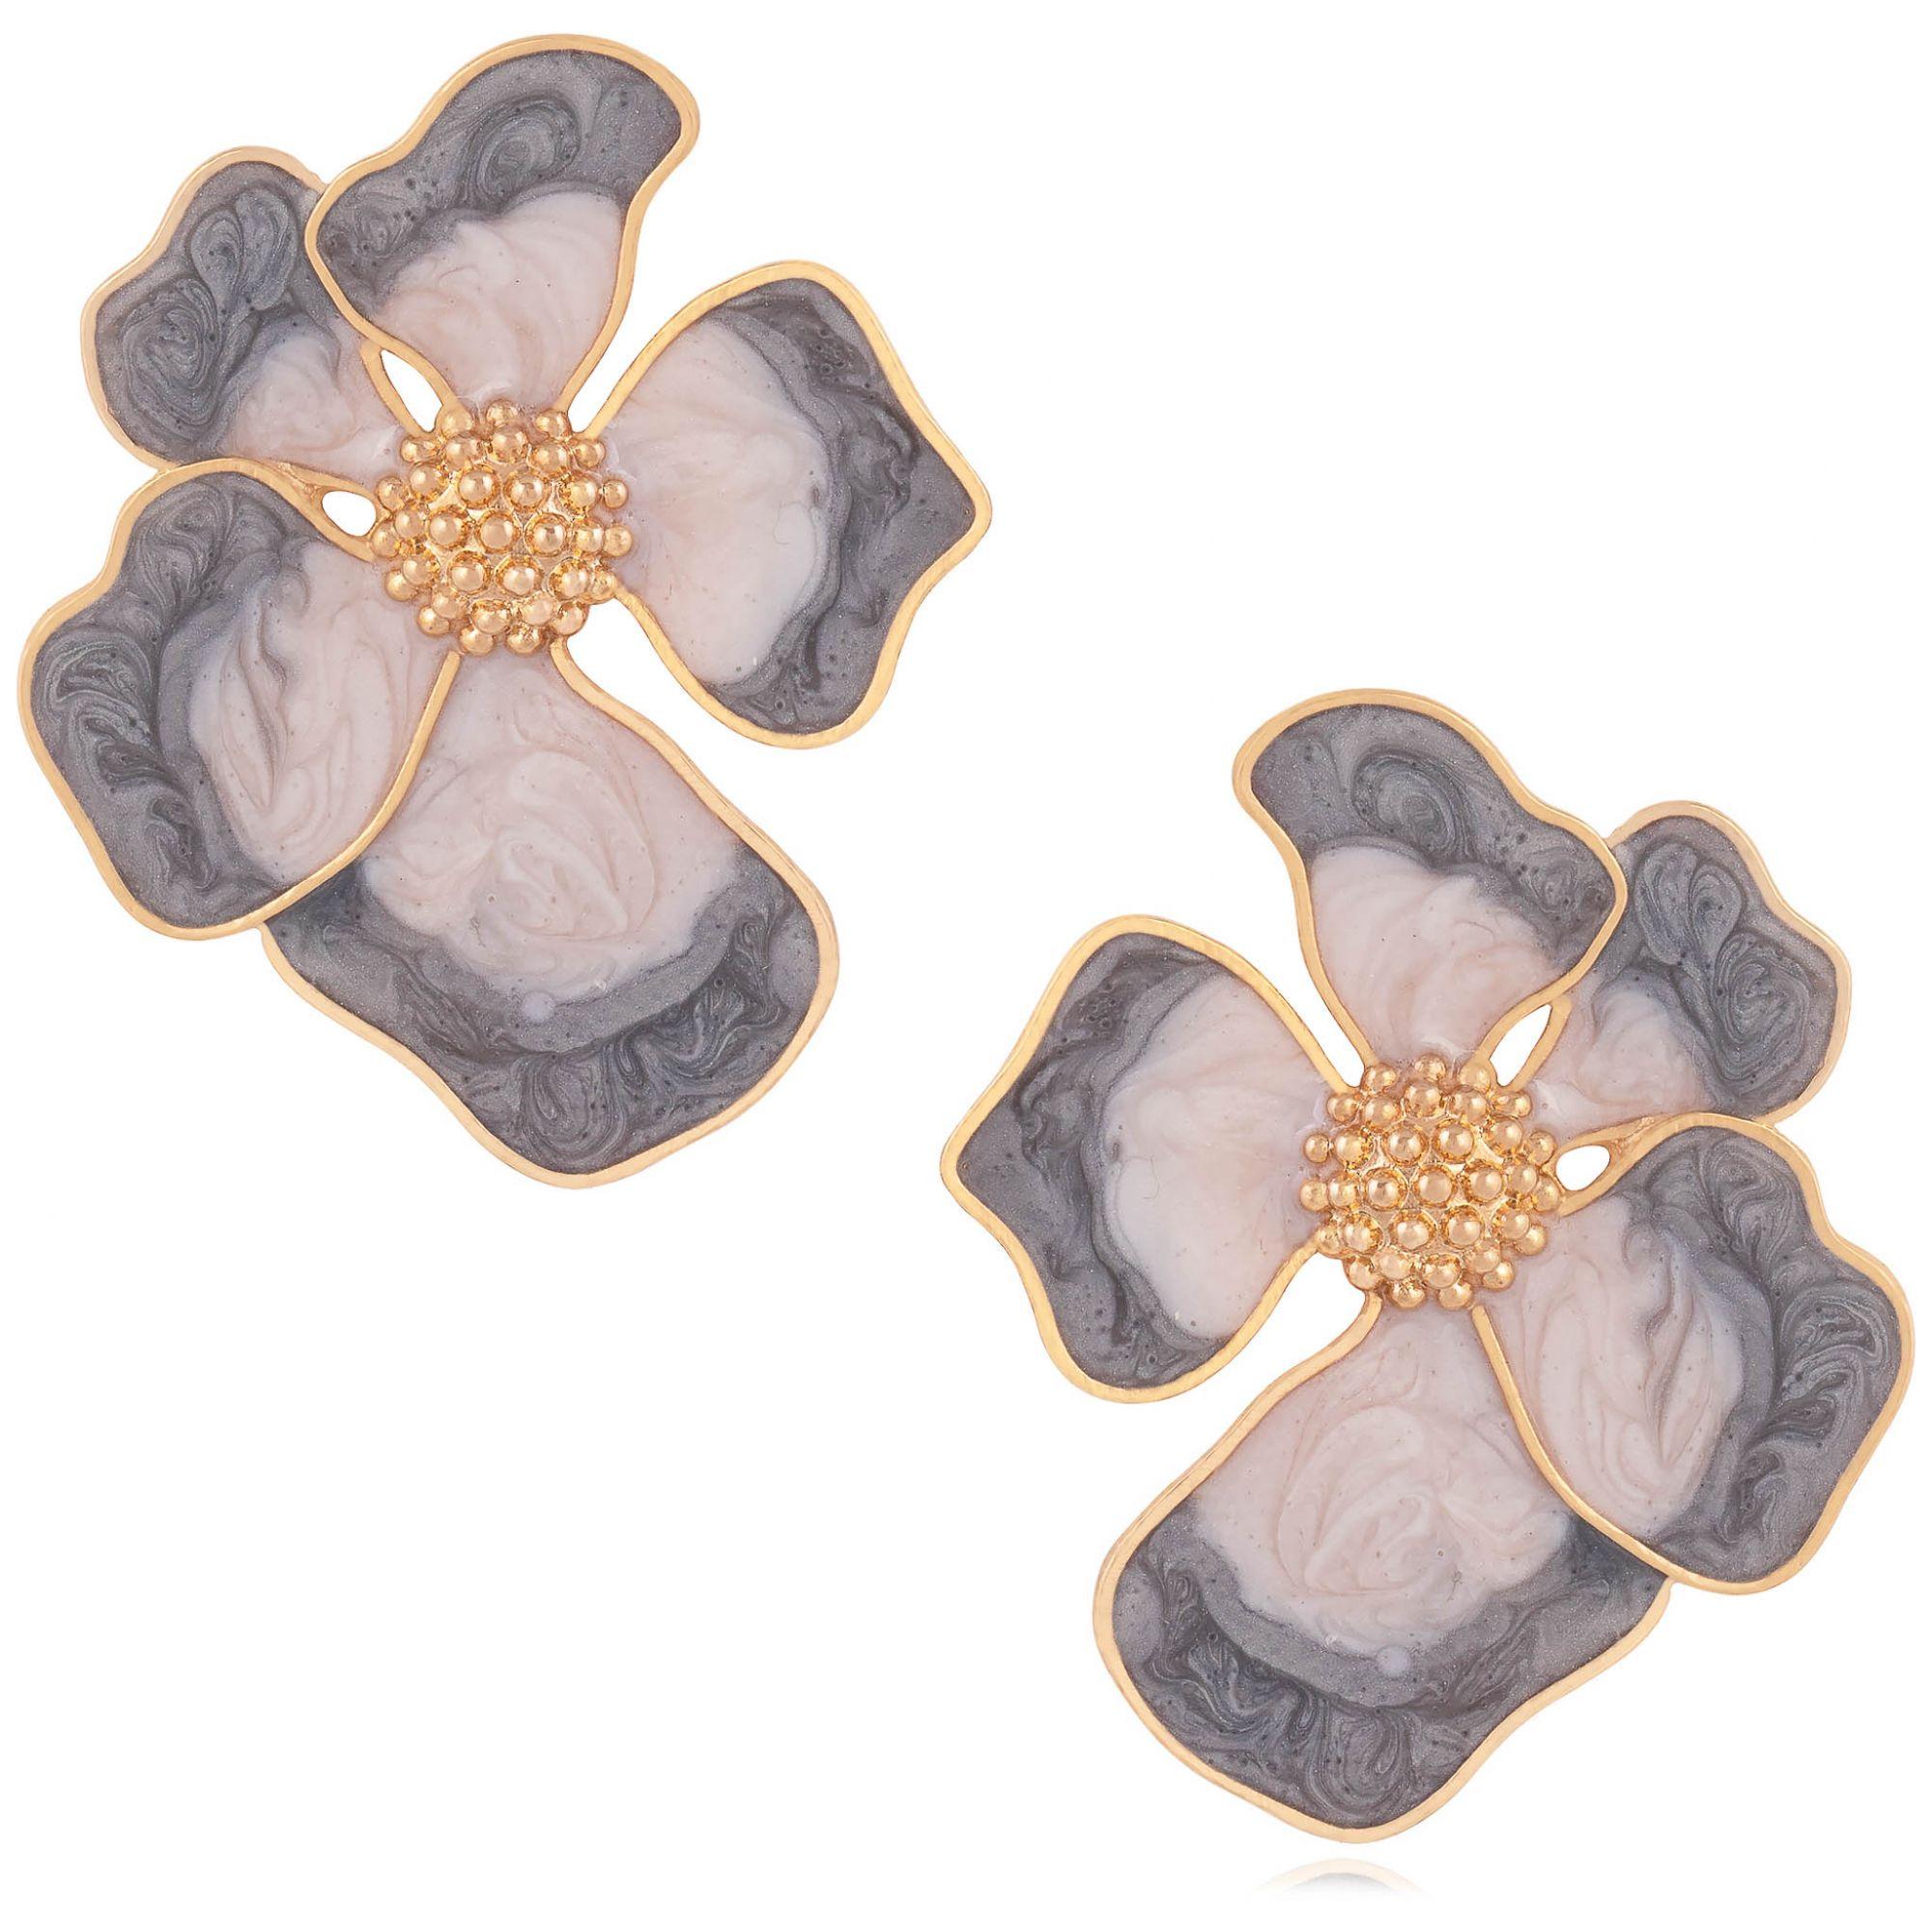 Brinco de flor banhado a ouro 18k resinado em tons de cinza.  - romabrazil.com.br